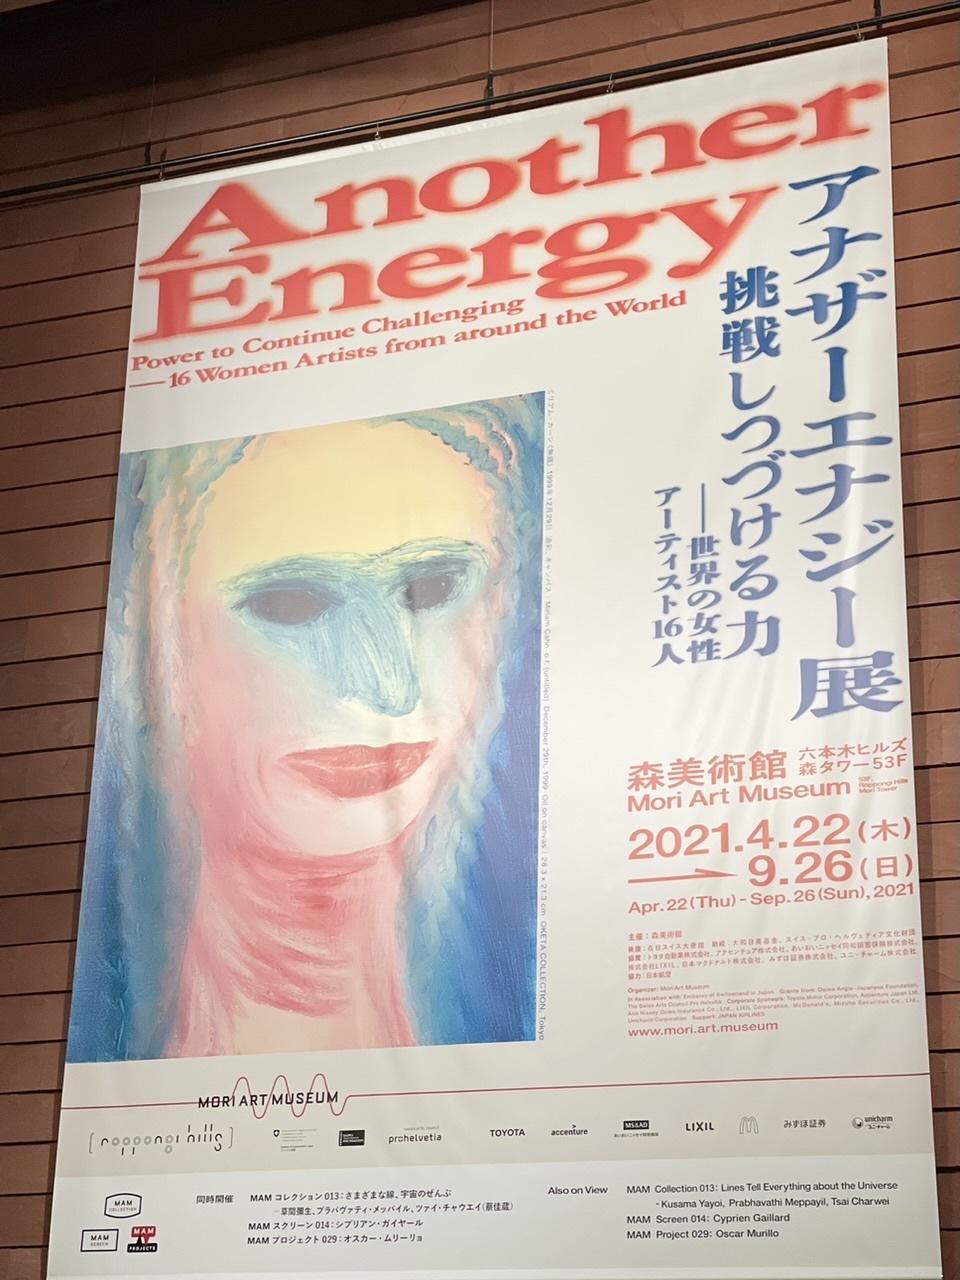 森美術館 「アナザーエナジー展」へ_1_2